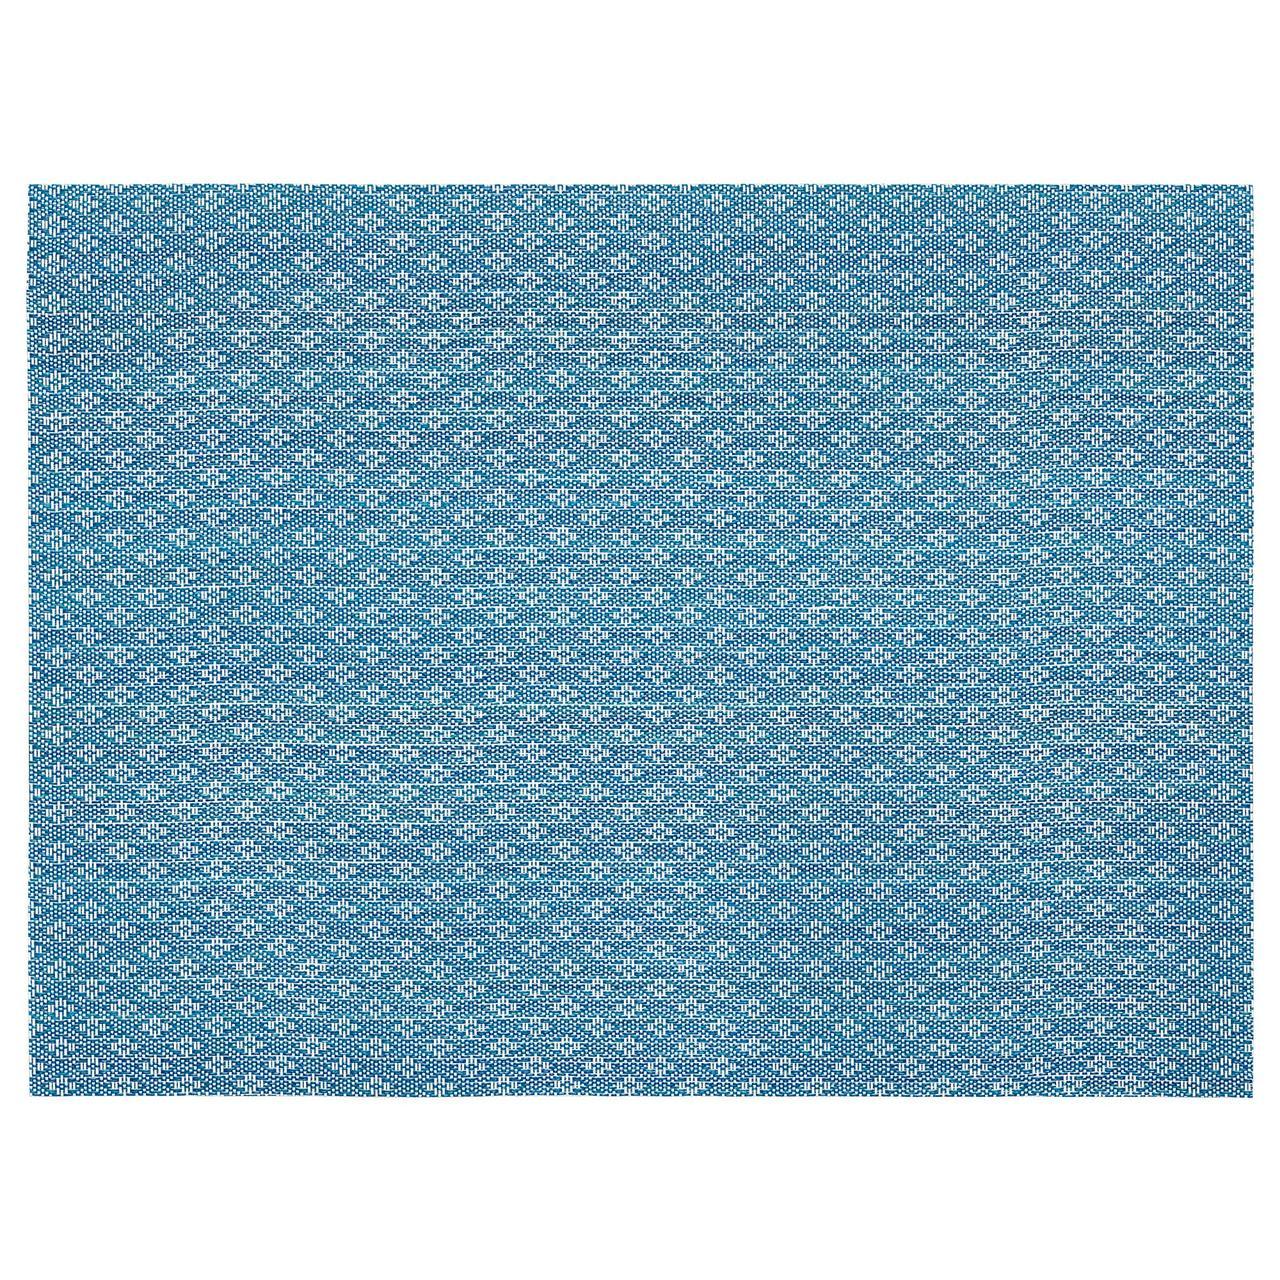 ГАЛЛЬРА Салфетка под приборы, синий, с рисунком